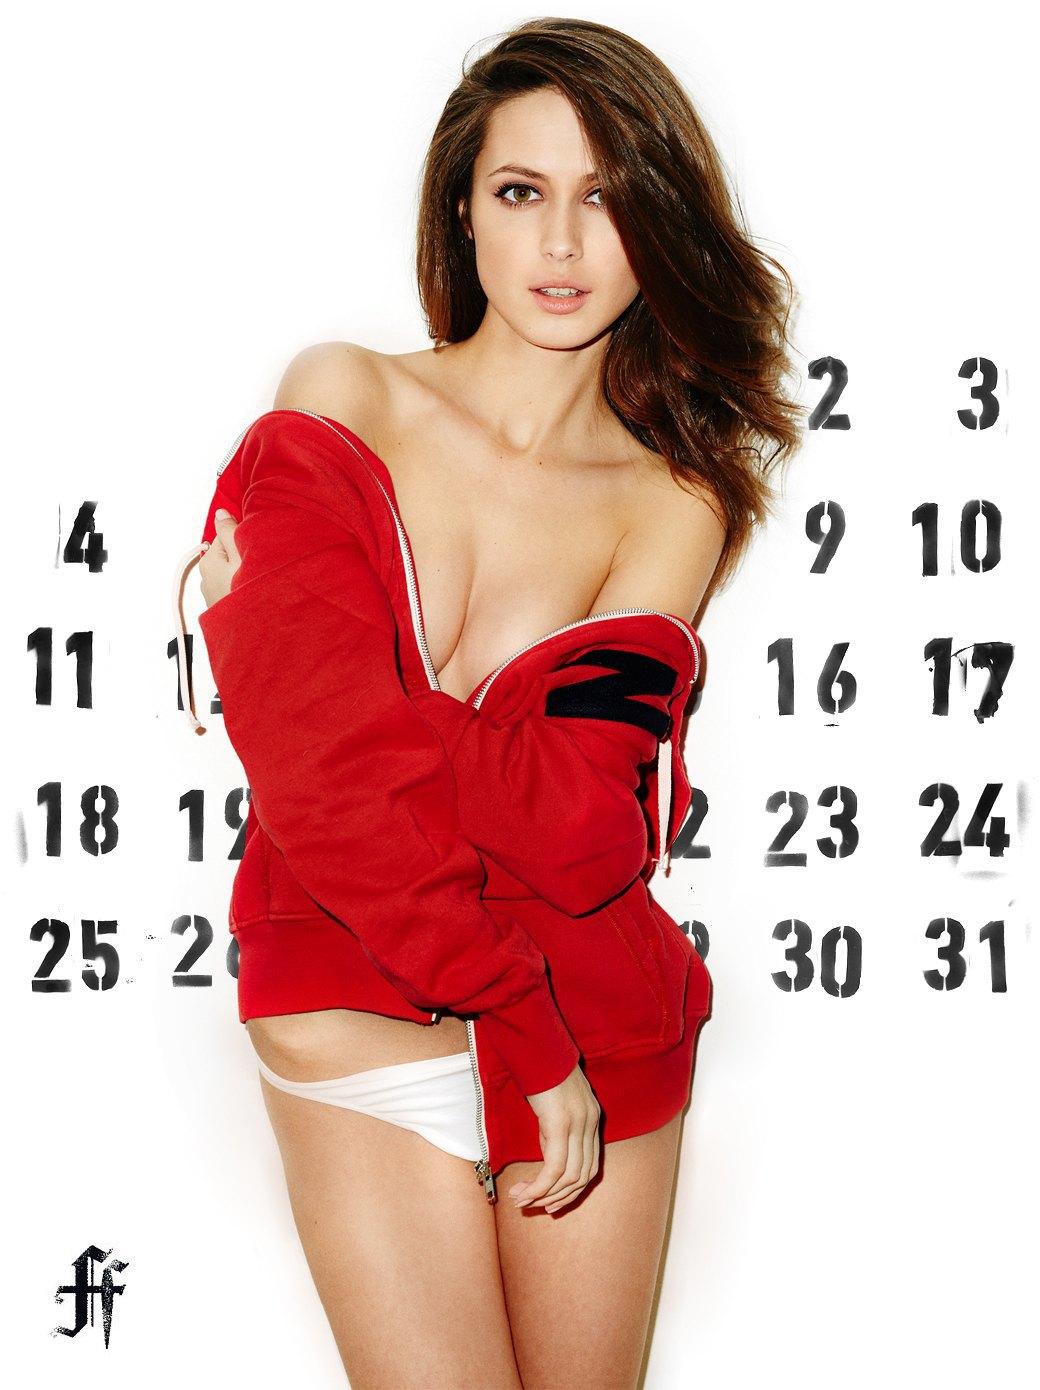 Календарь FURFUR на 2013 год. Изображение № 3.